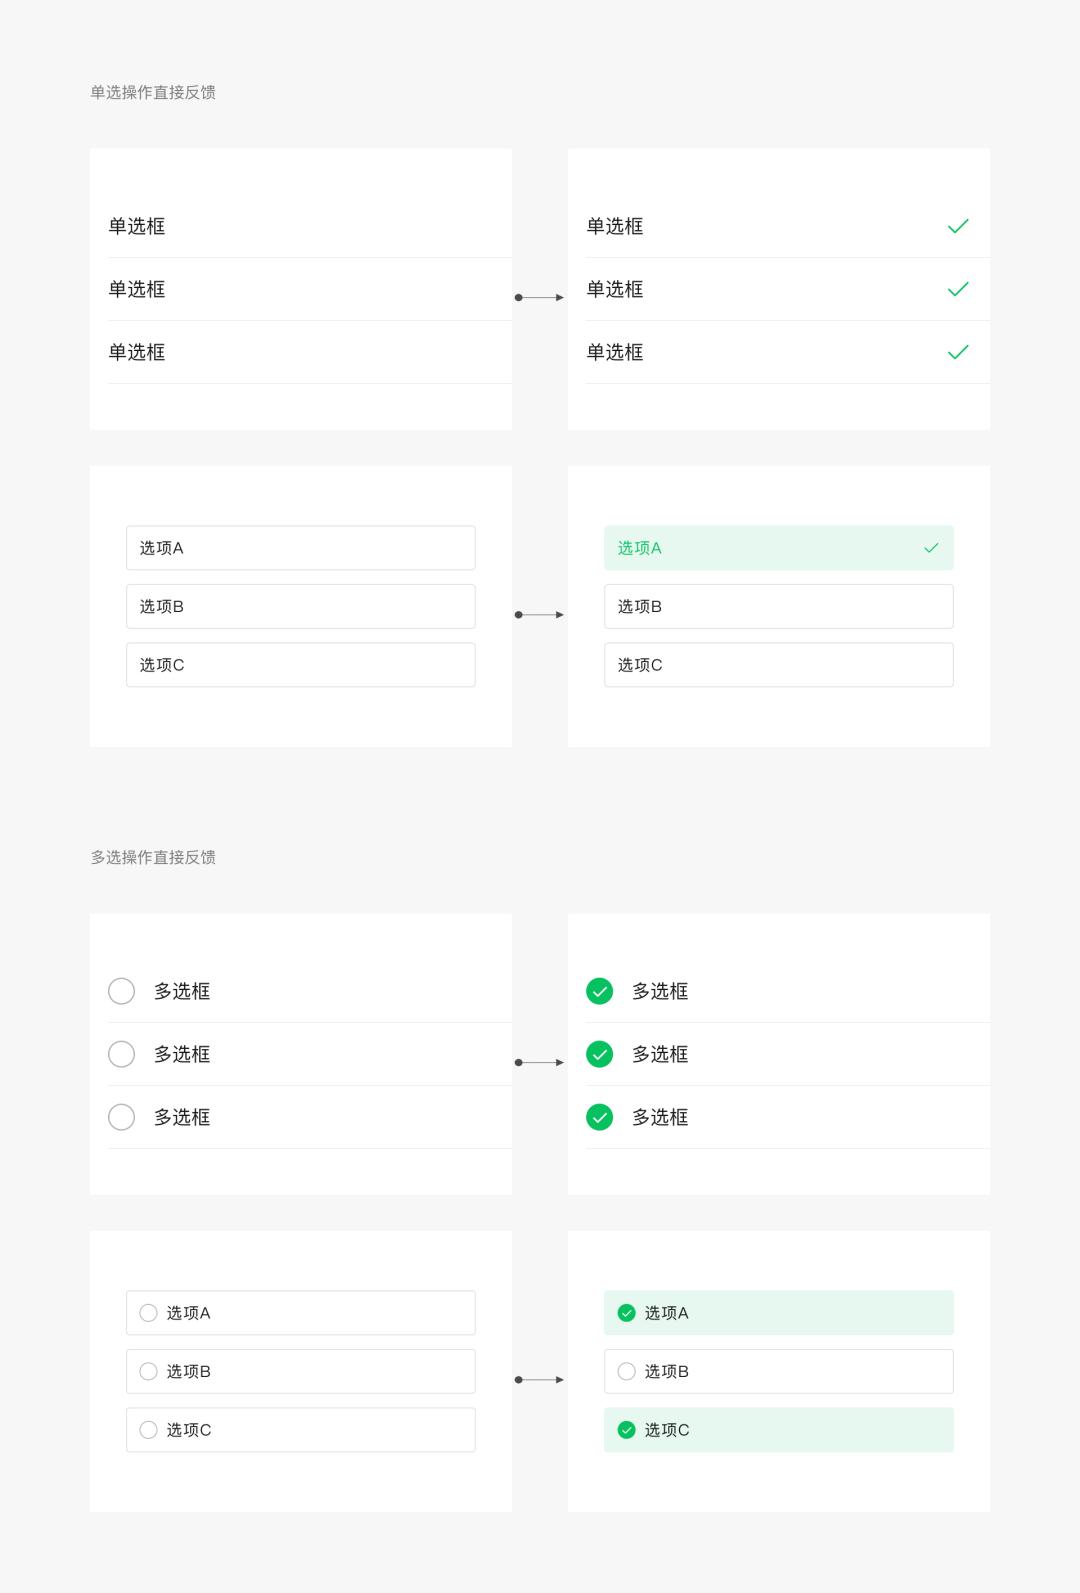 小程序页面设计页面局部操作结果反馈